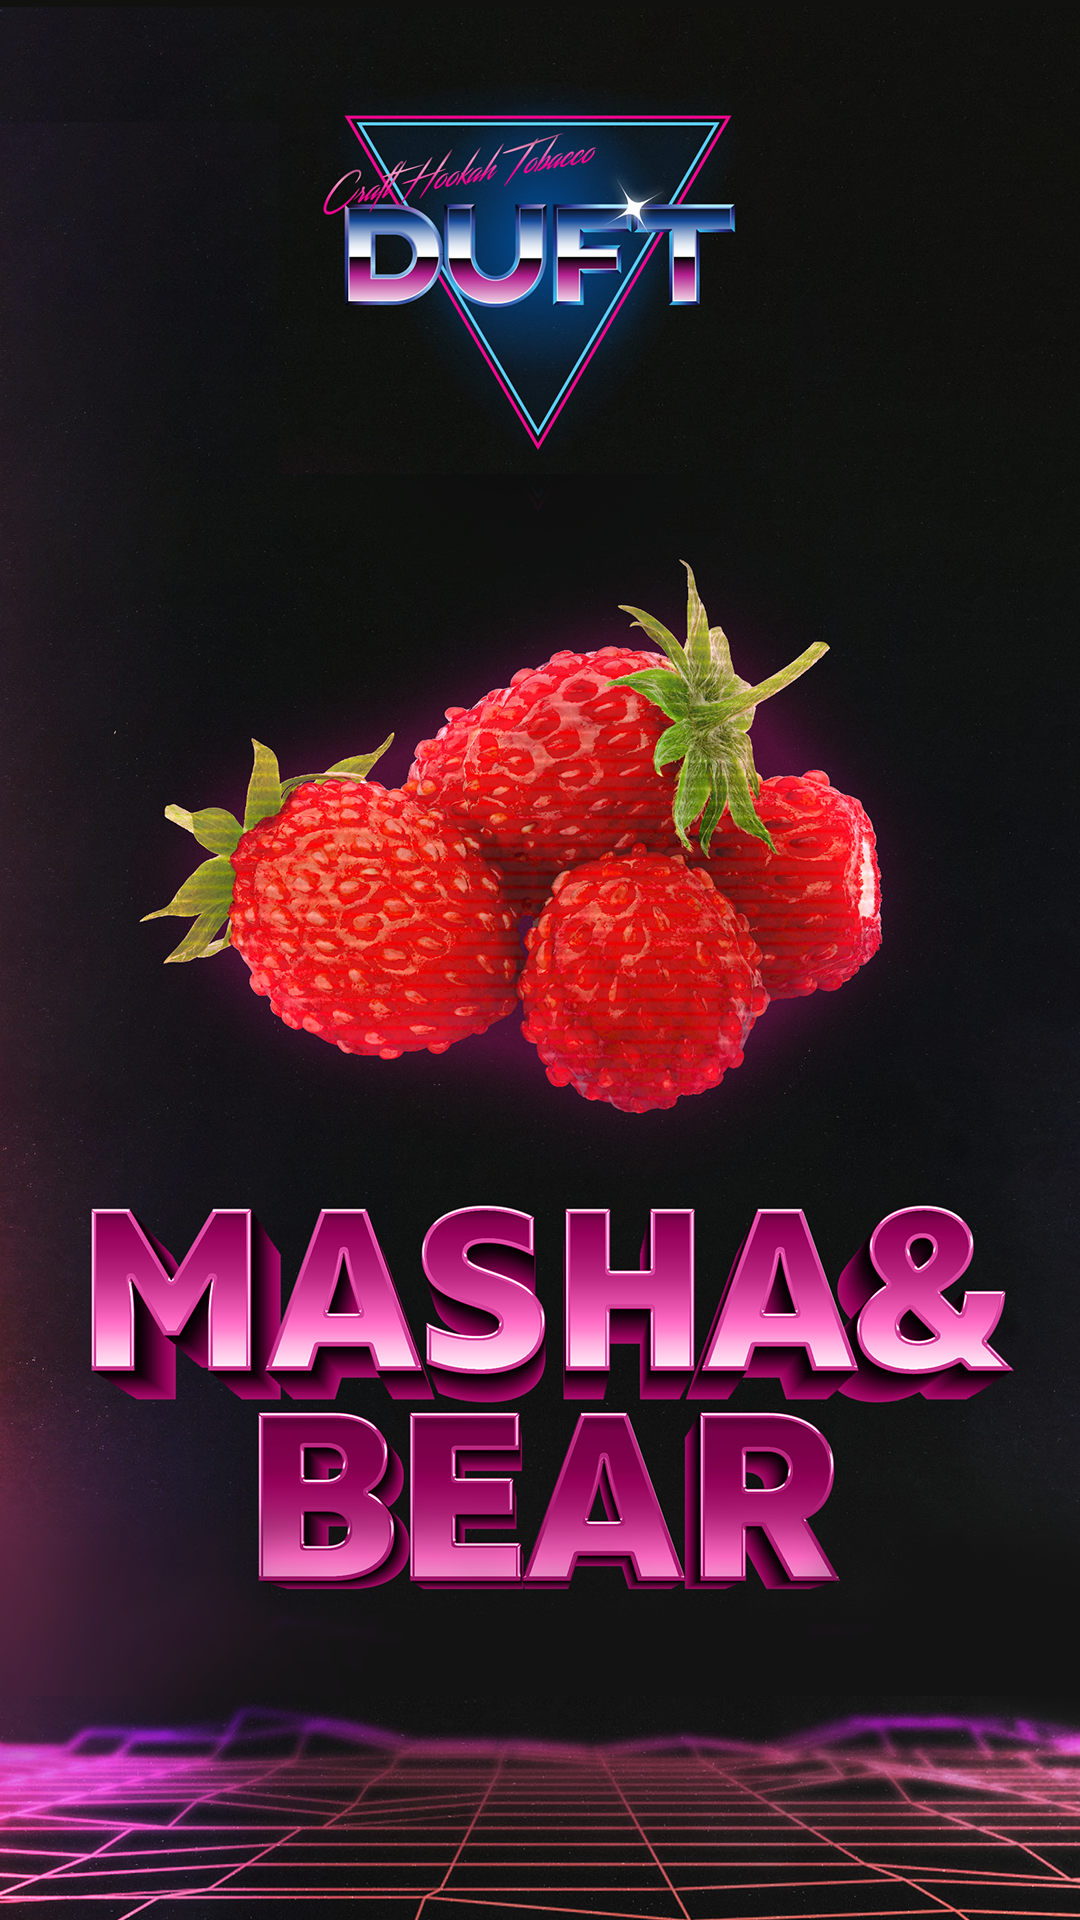 Masha&bear